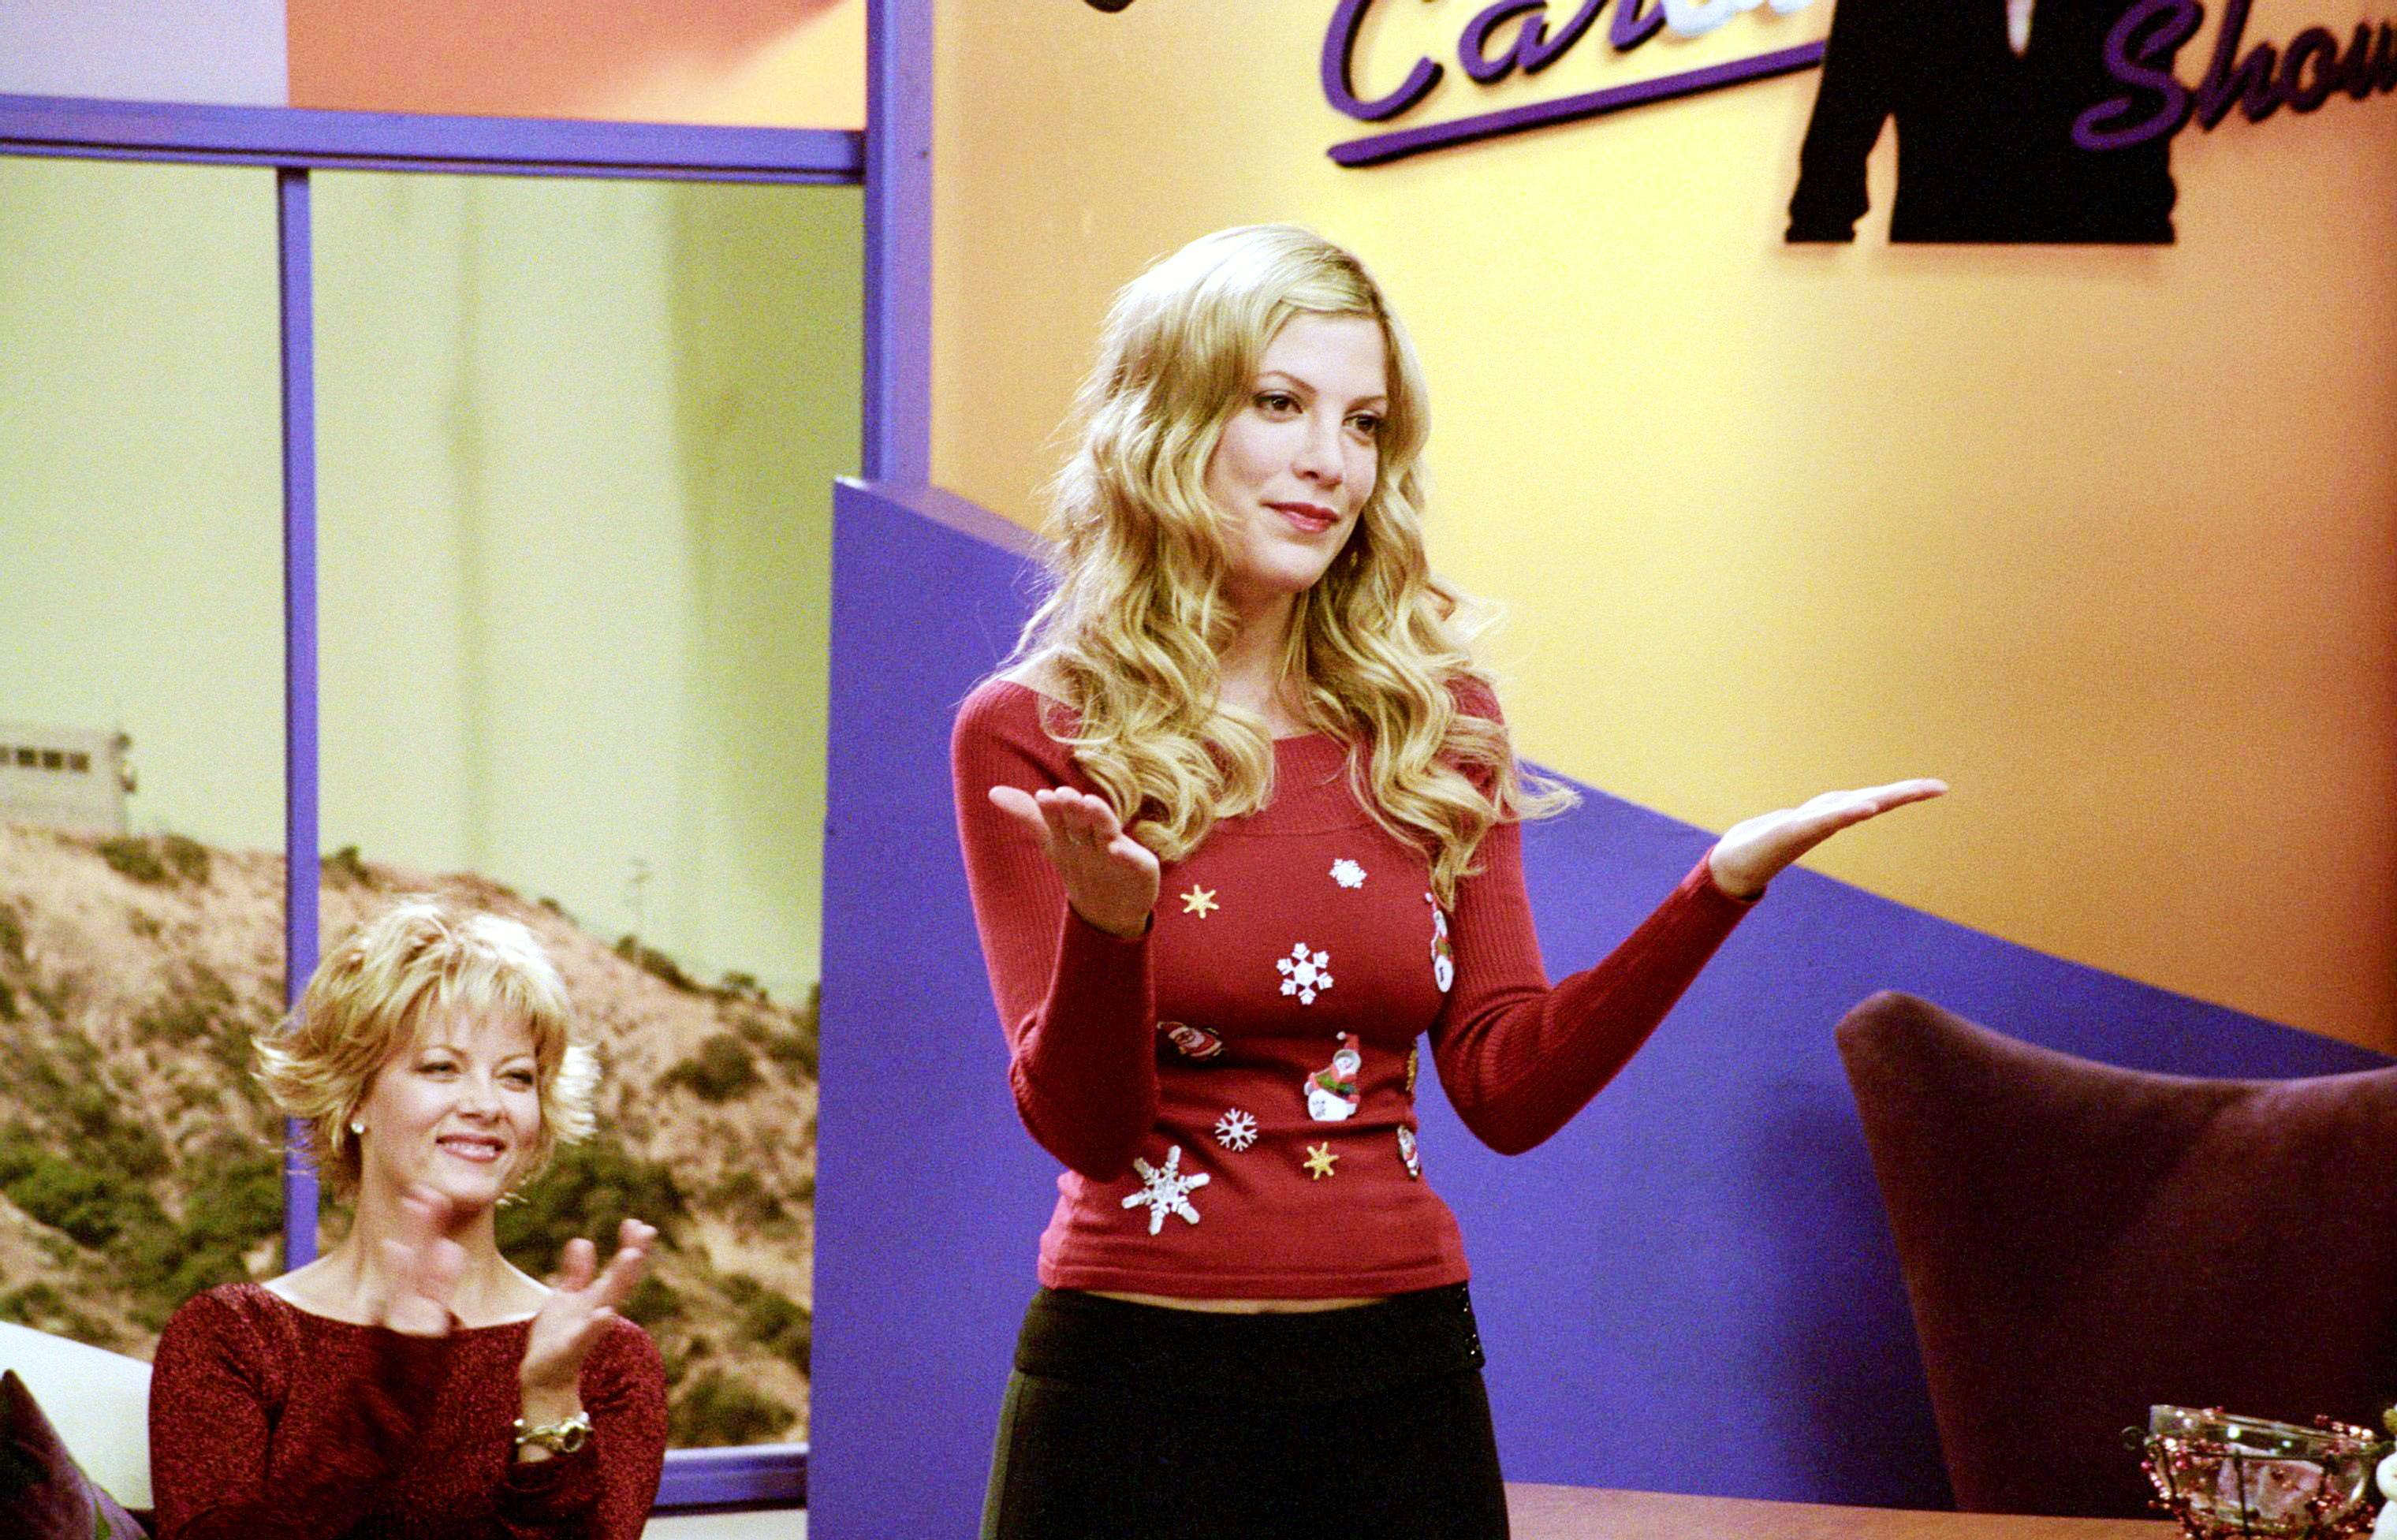 Carol und die Weihnachtsgeister Film (2003) · Trailer · Kritik · KINO.de